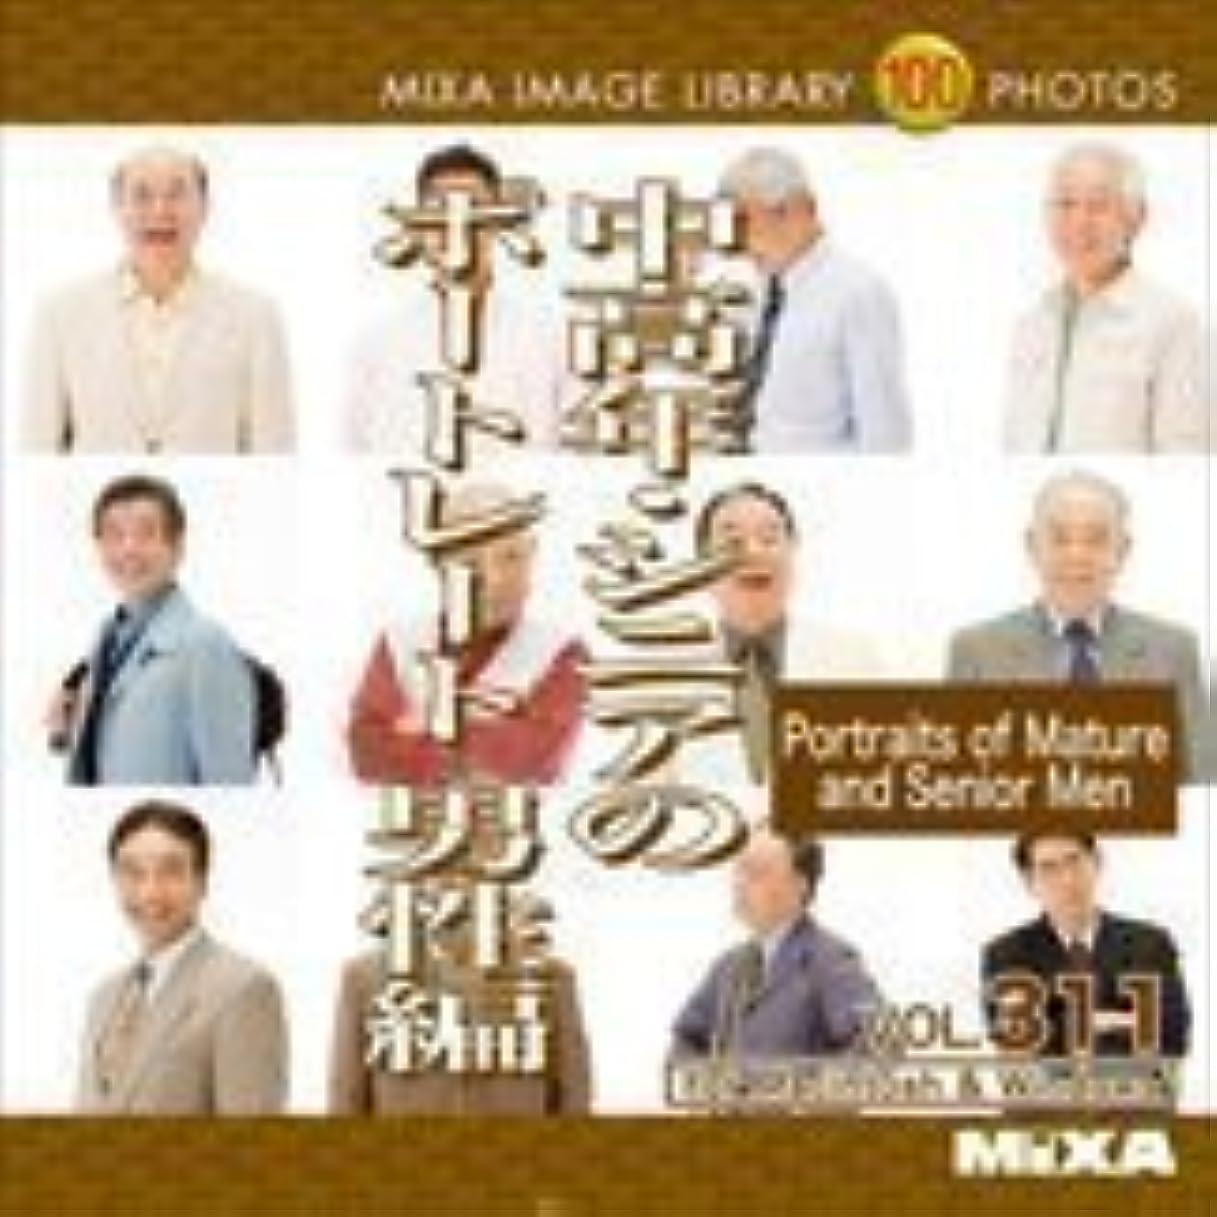 後方リフト食品MIXA IMAGE LIBRARY Vol.311 中高年?シニアのポートレート 男性編